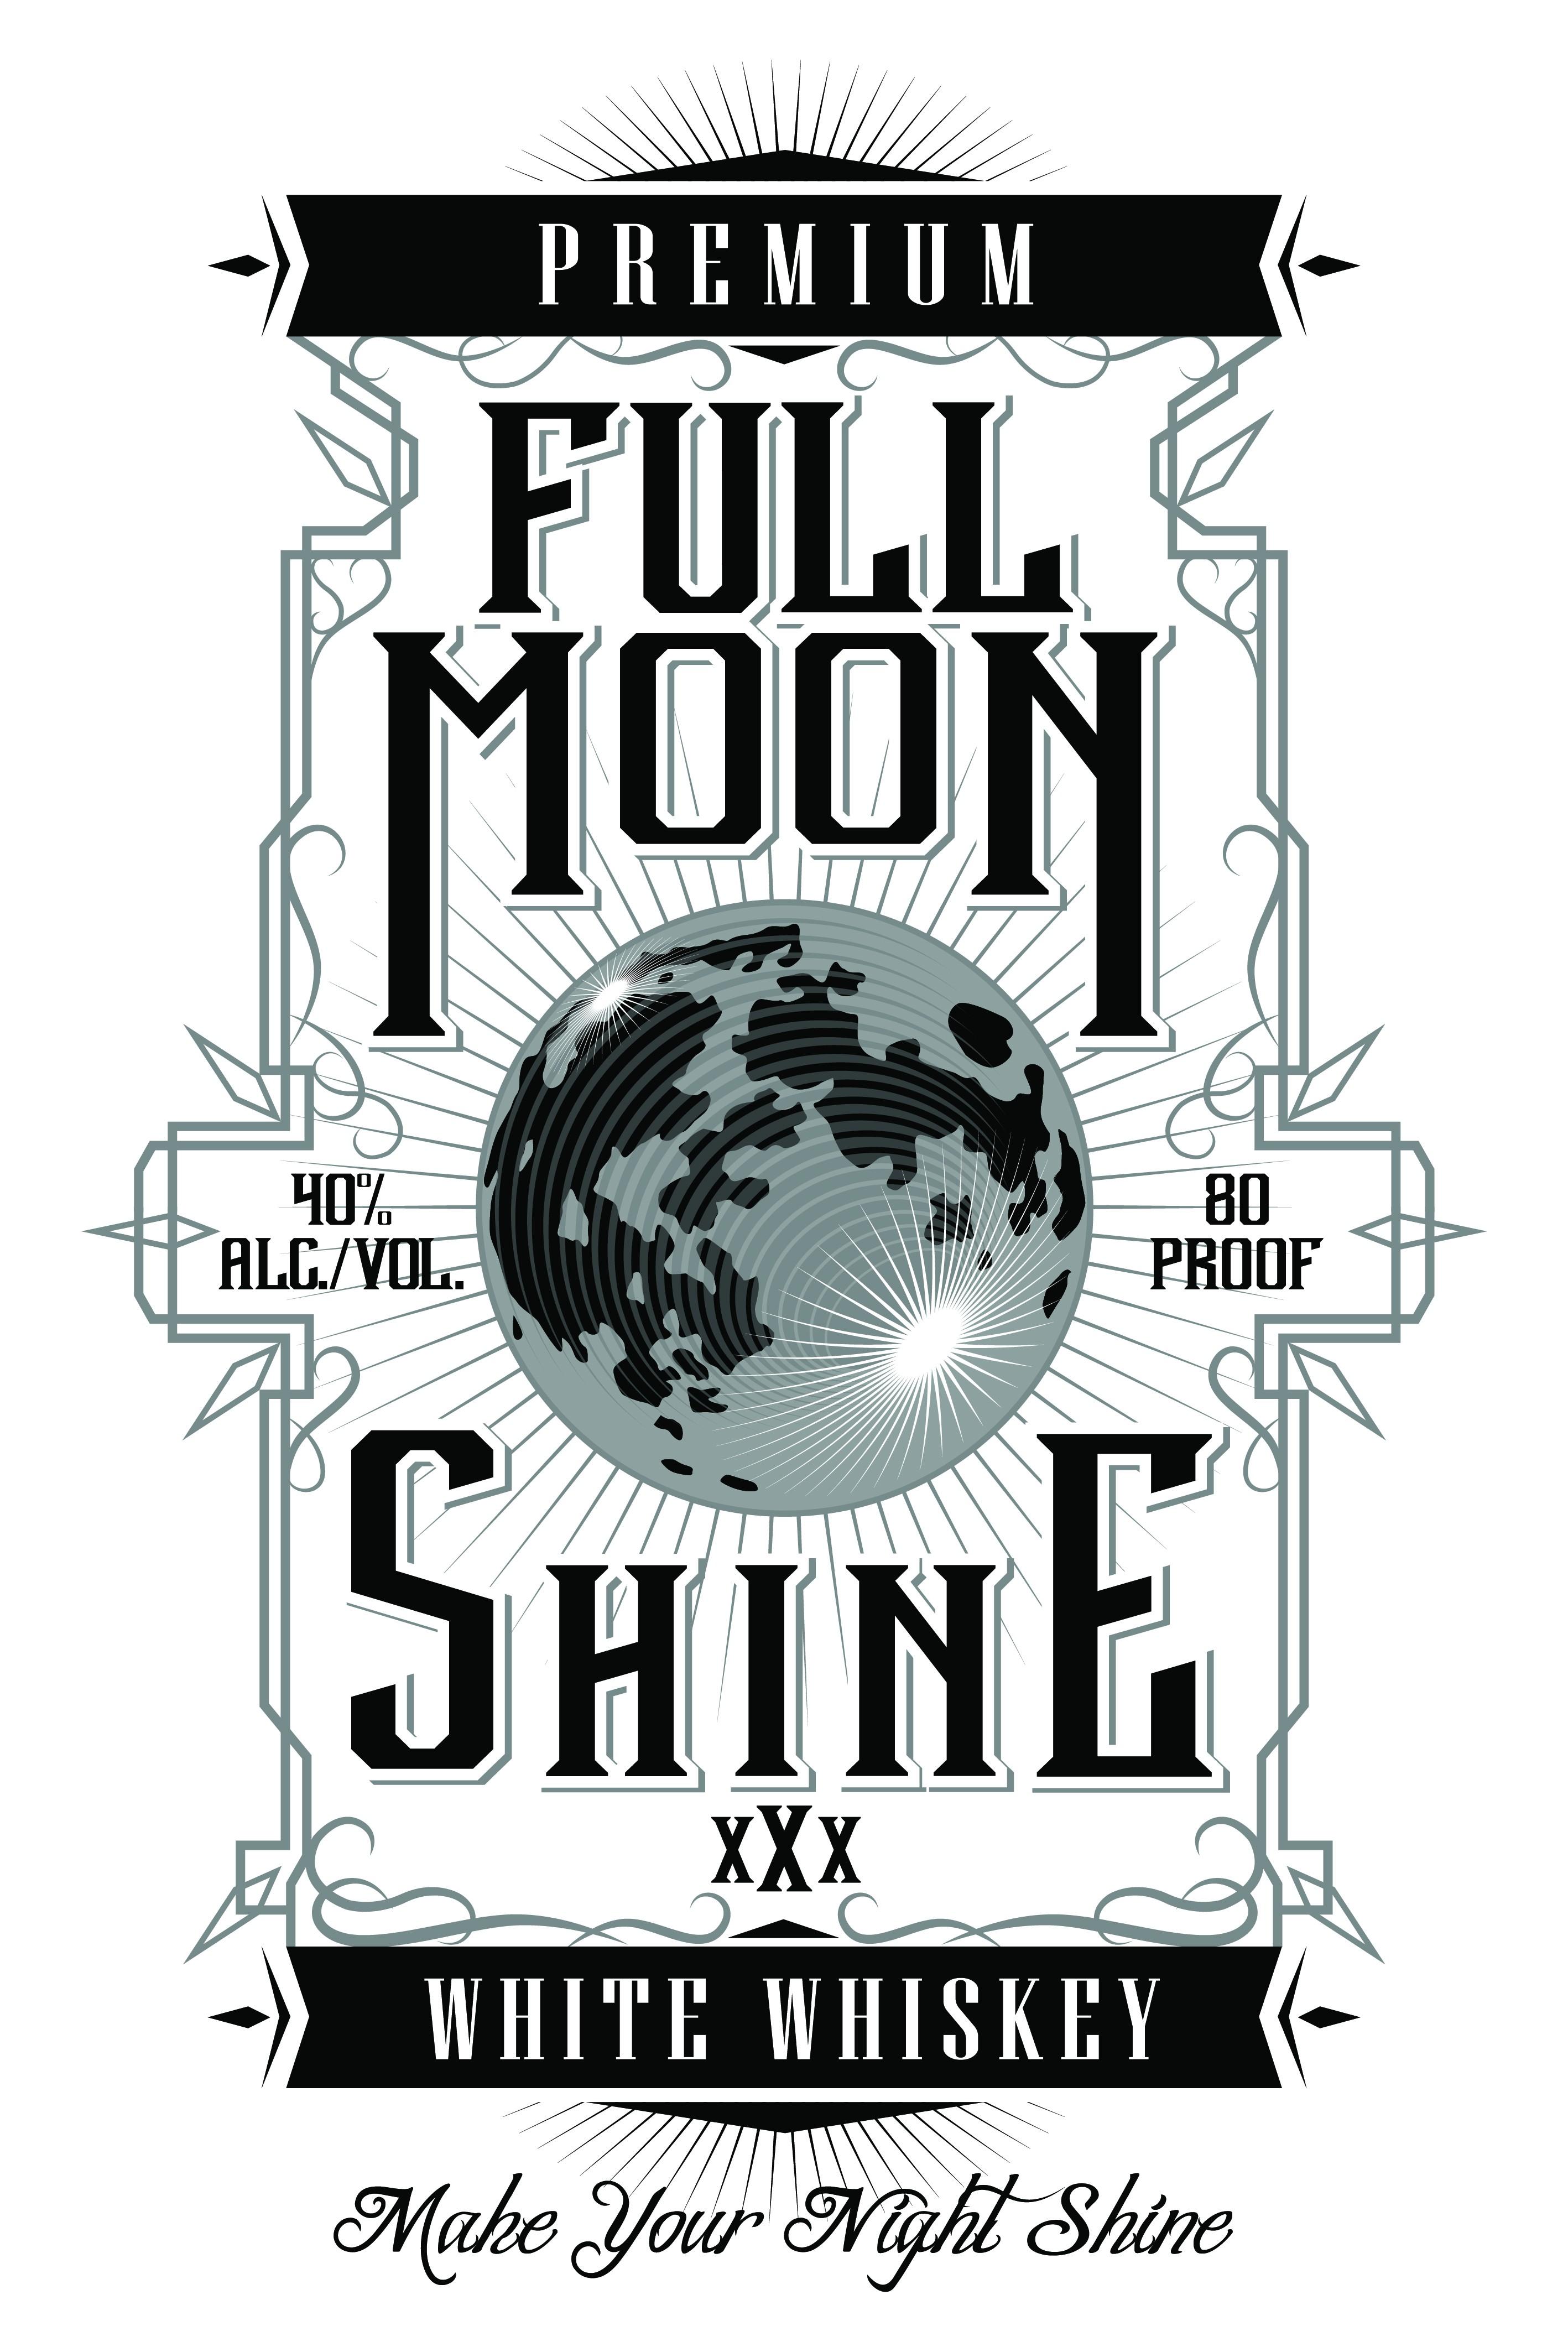 Full Moon Shine logo design